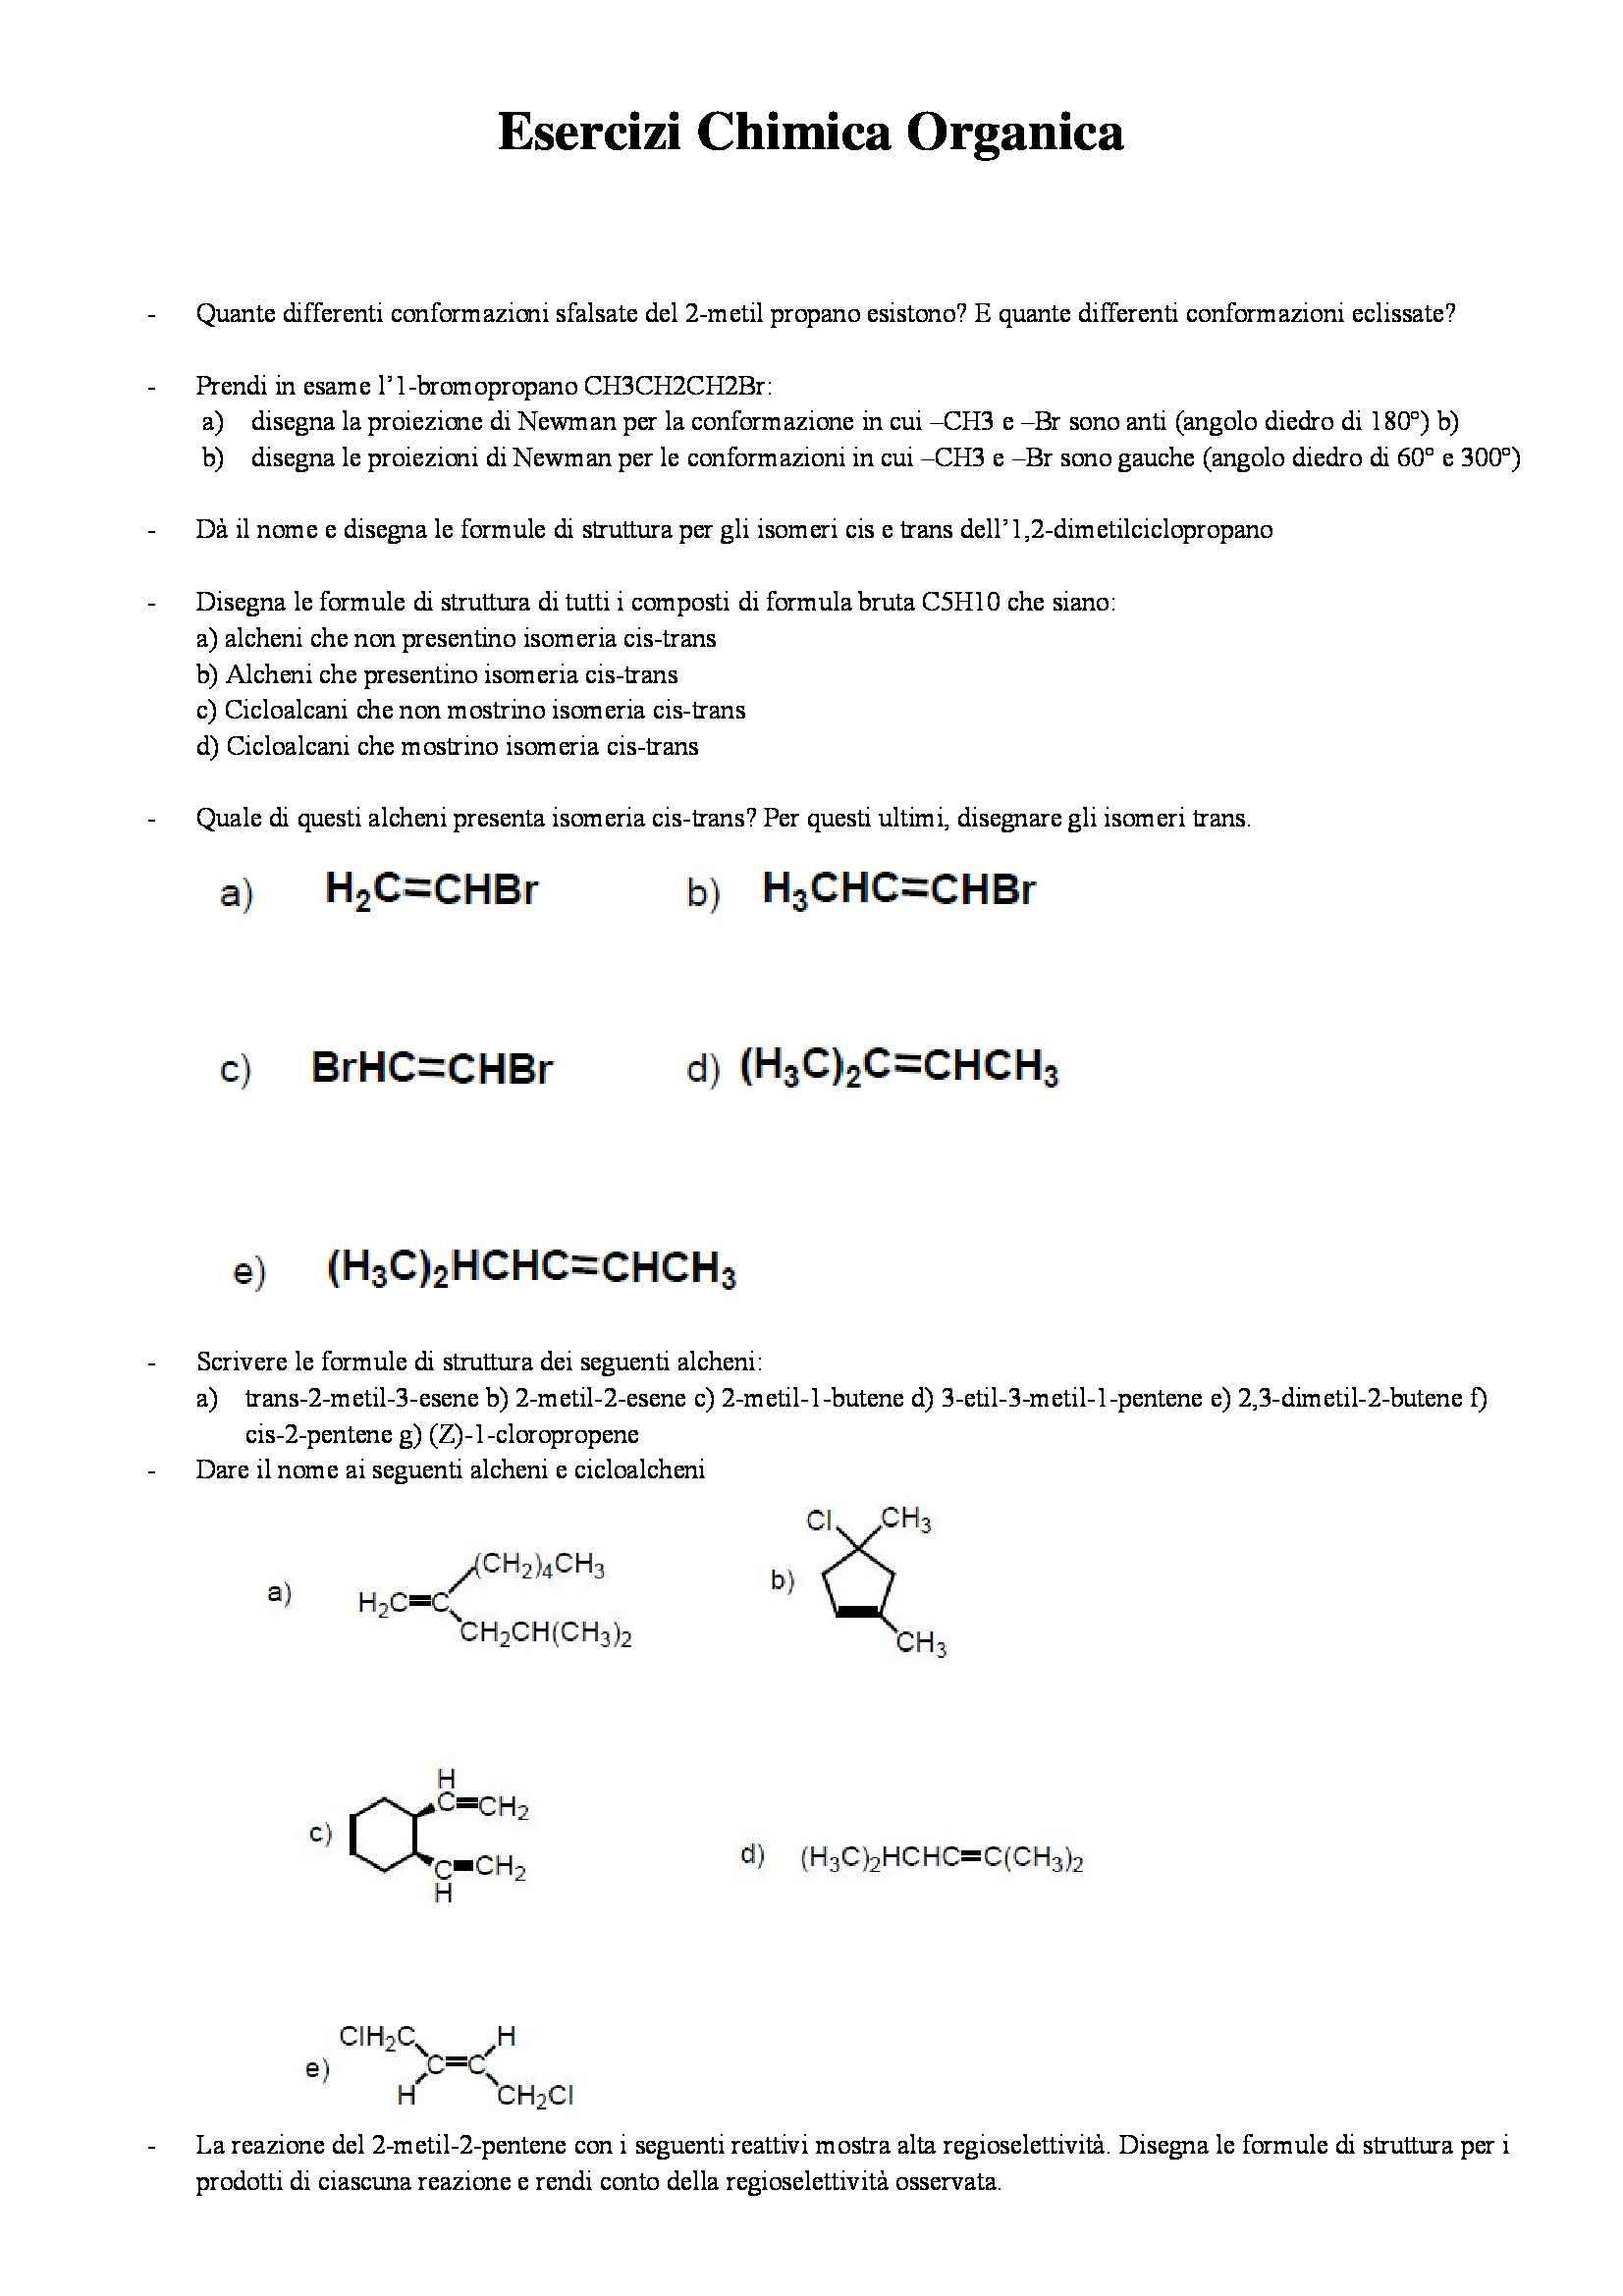 Chimica organica - Esercizi